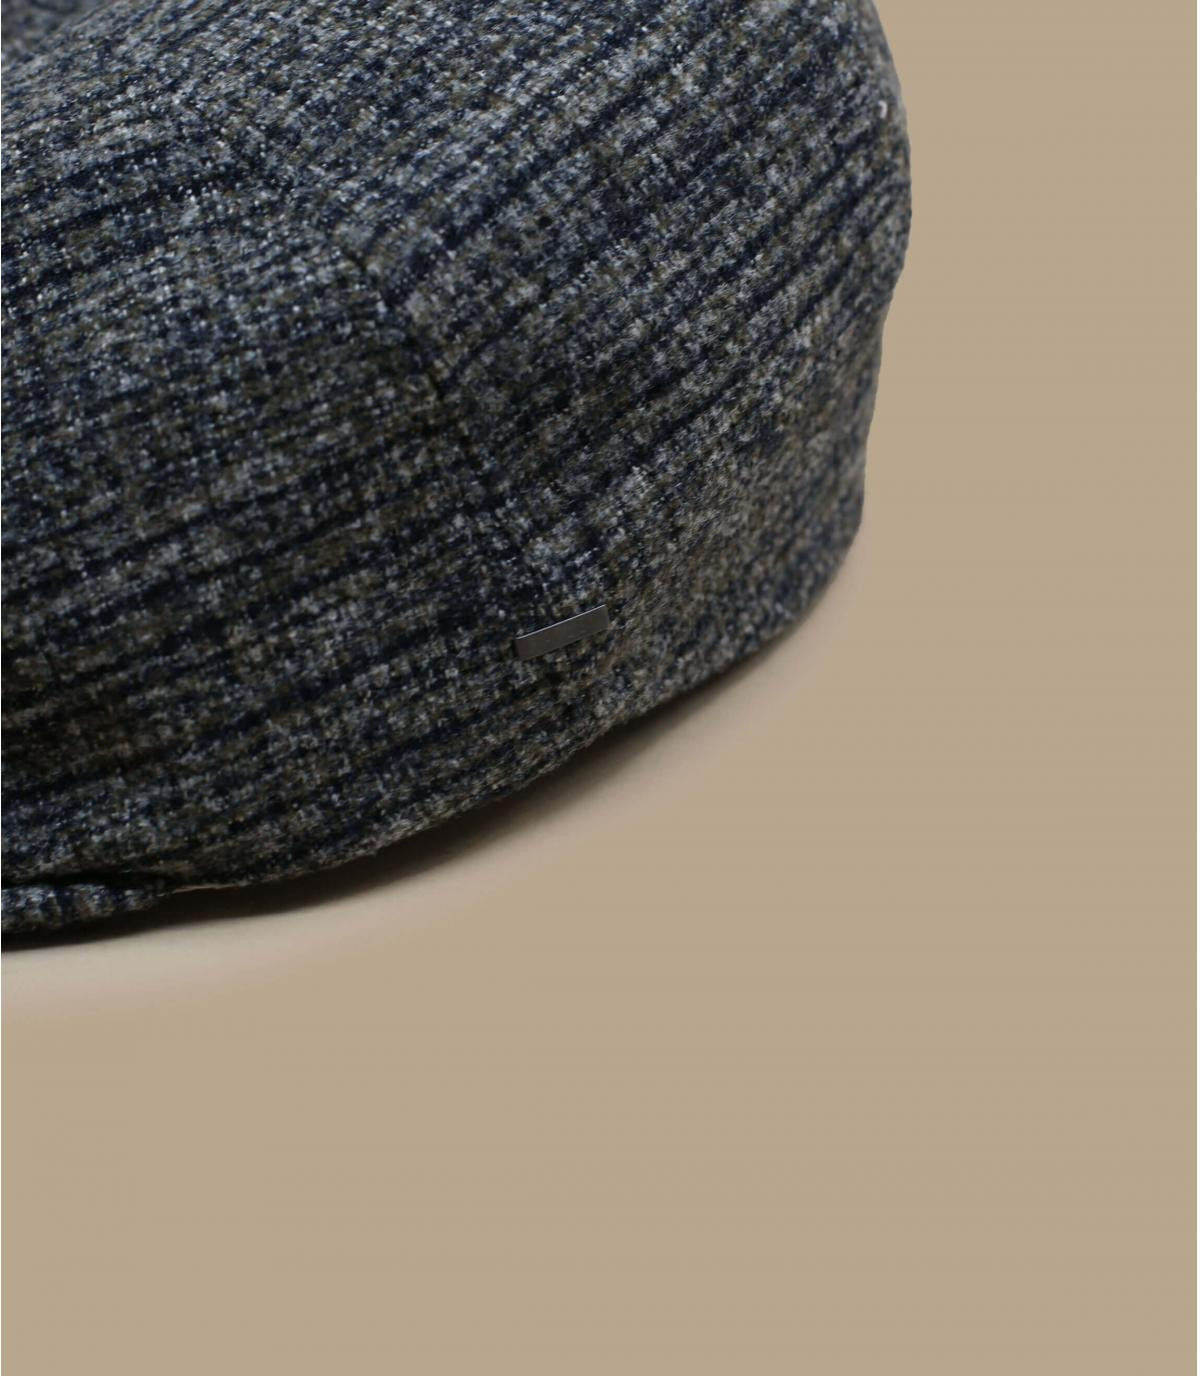 béret gris laine carreaux